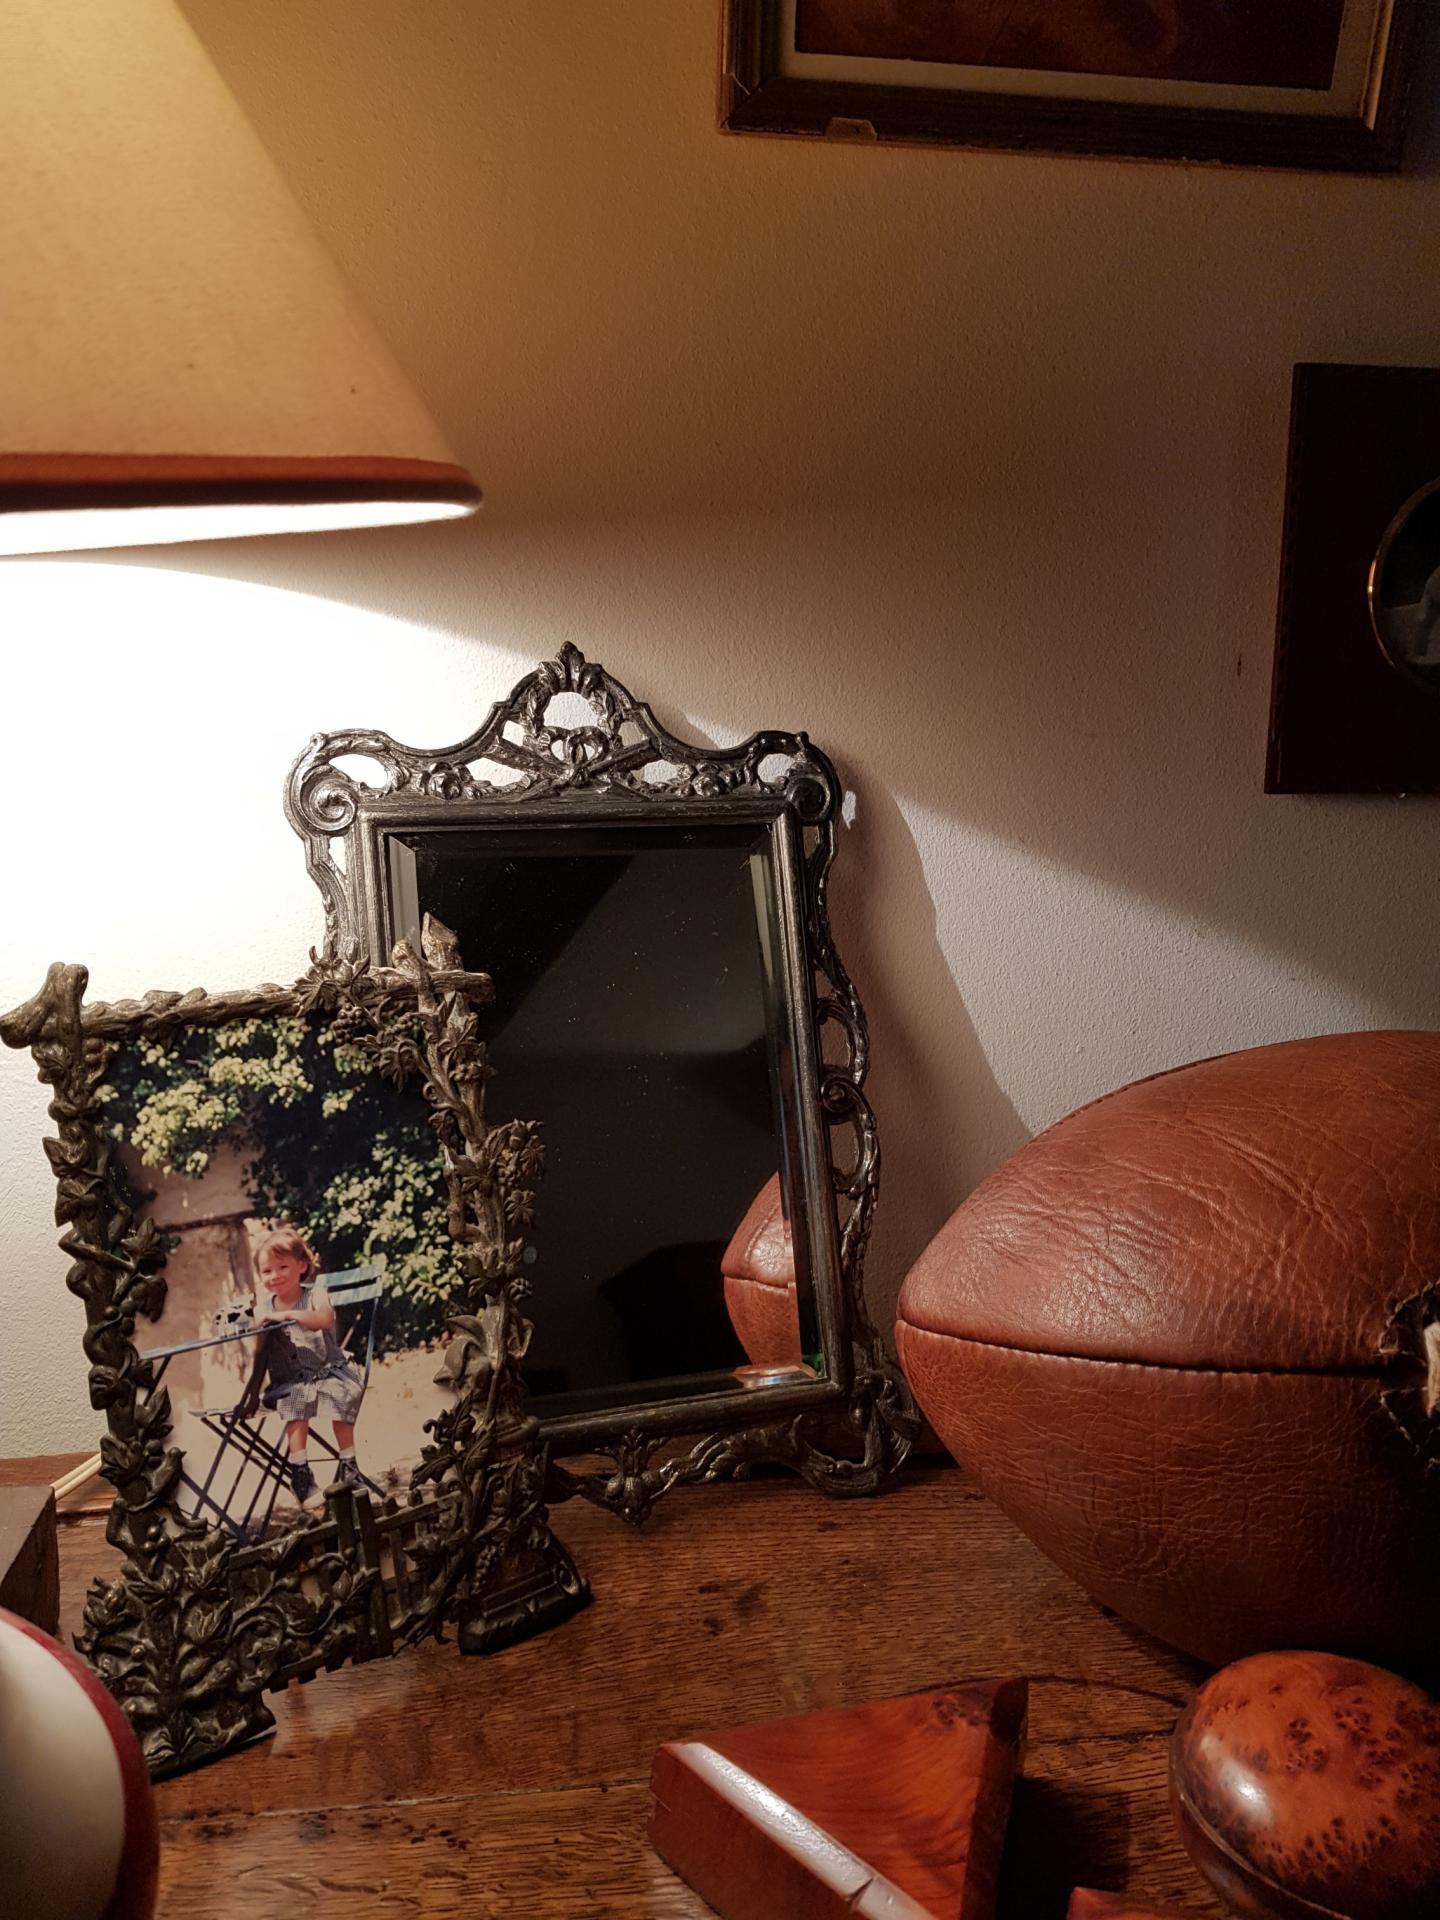 http://www.latelierderosabel.com/medias/images/miroir-dans-la-deco.jpg